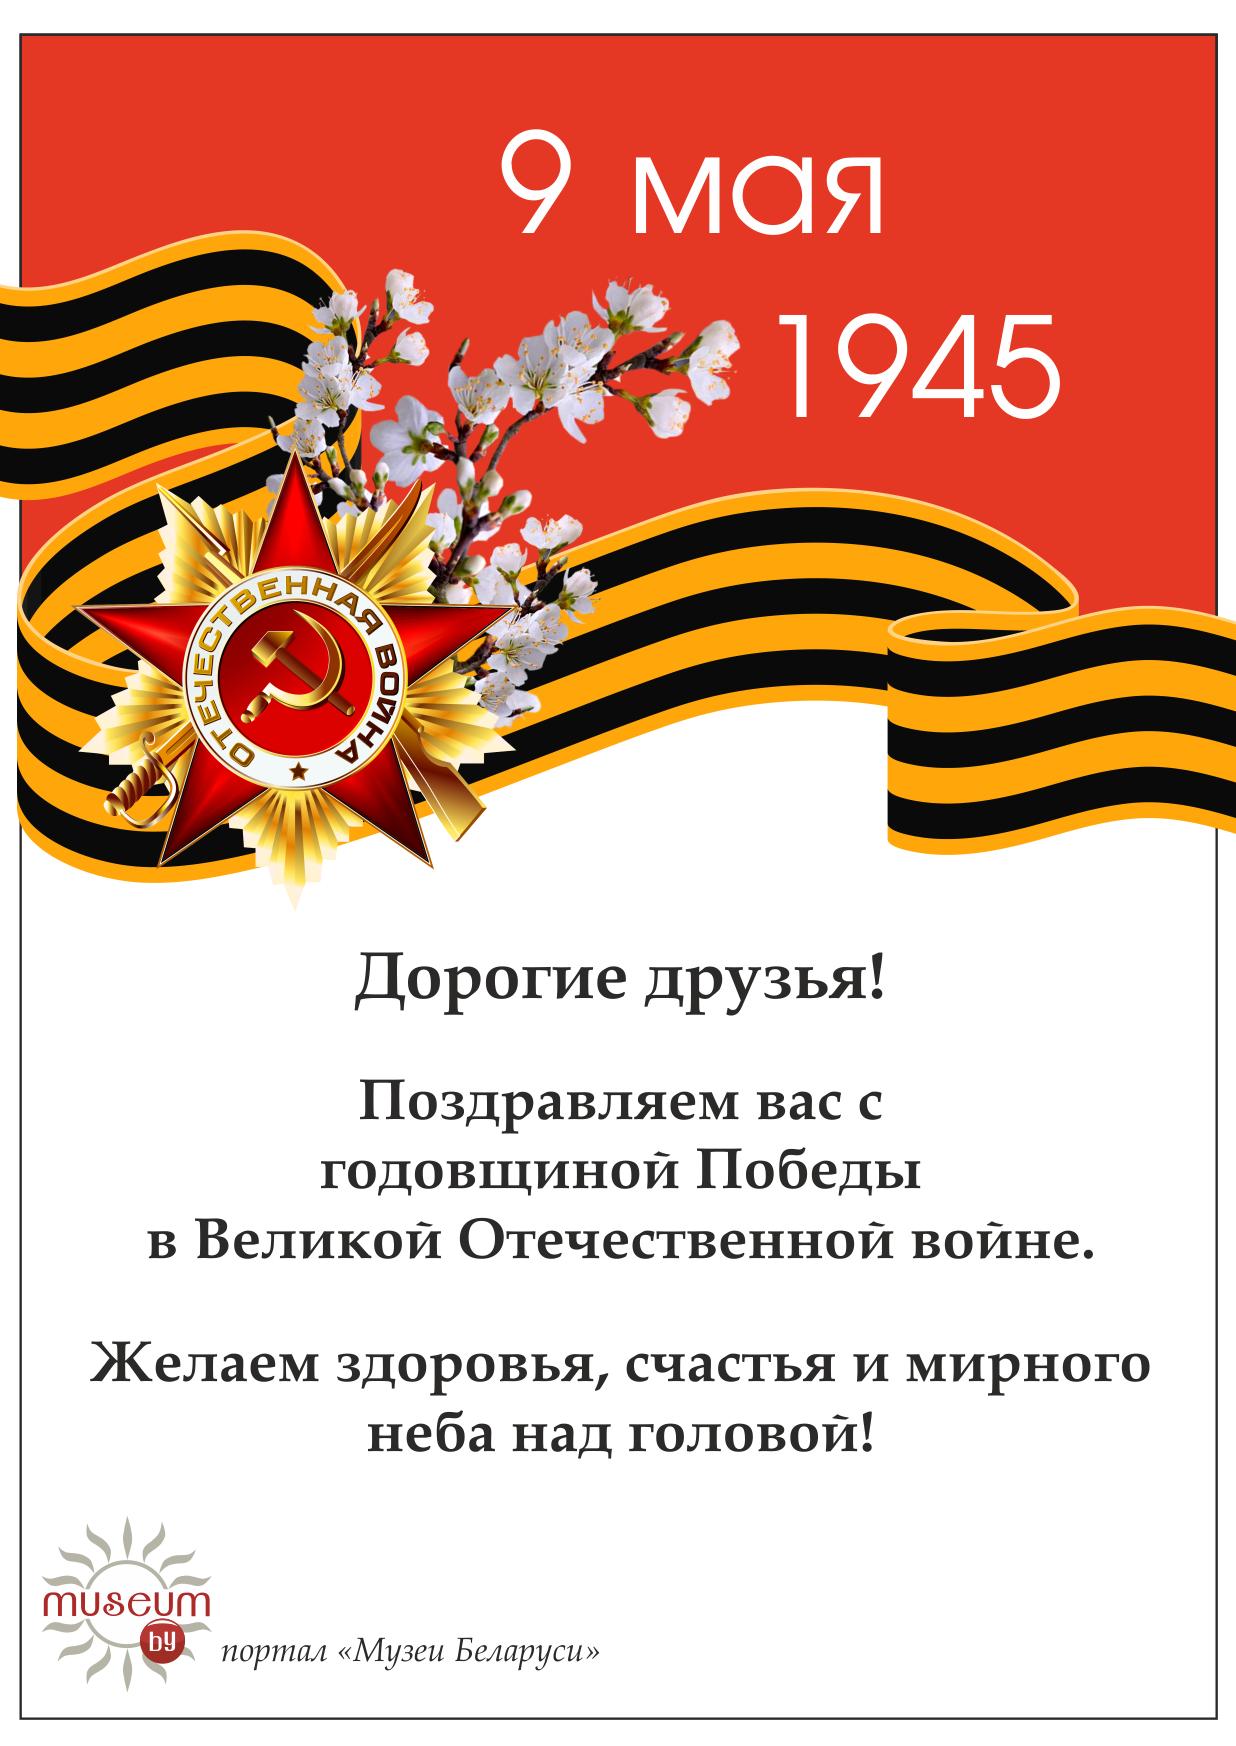 Дорогие друзья! Поздравляем вас с годовщиной Победы в Великой Отечественной войне. Желаем здоровья, счастья и мирного неба над головой!